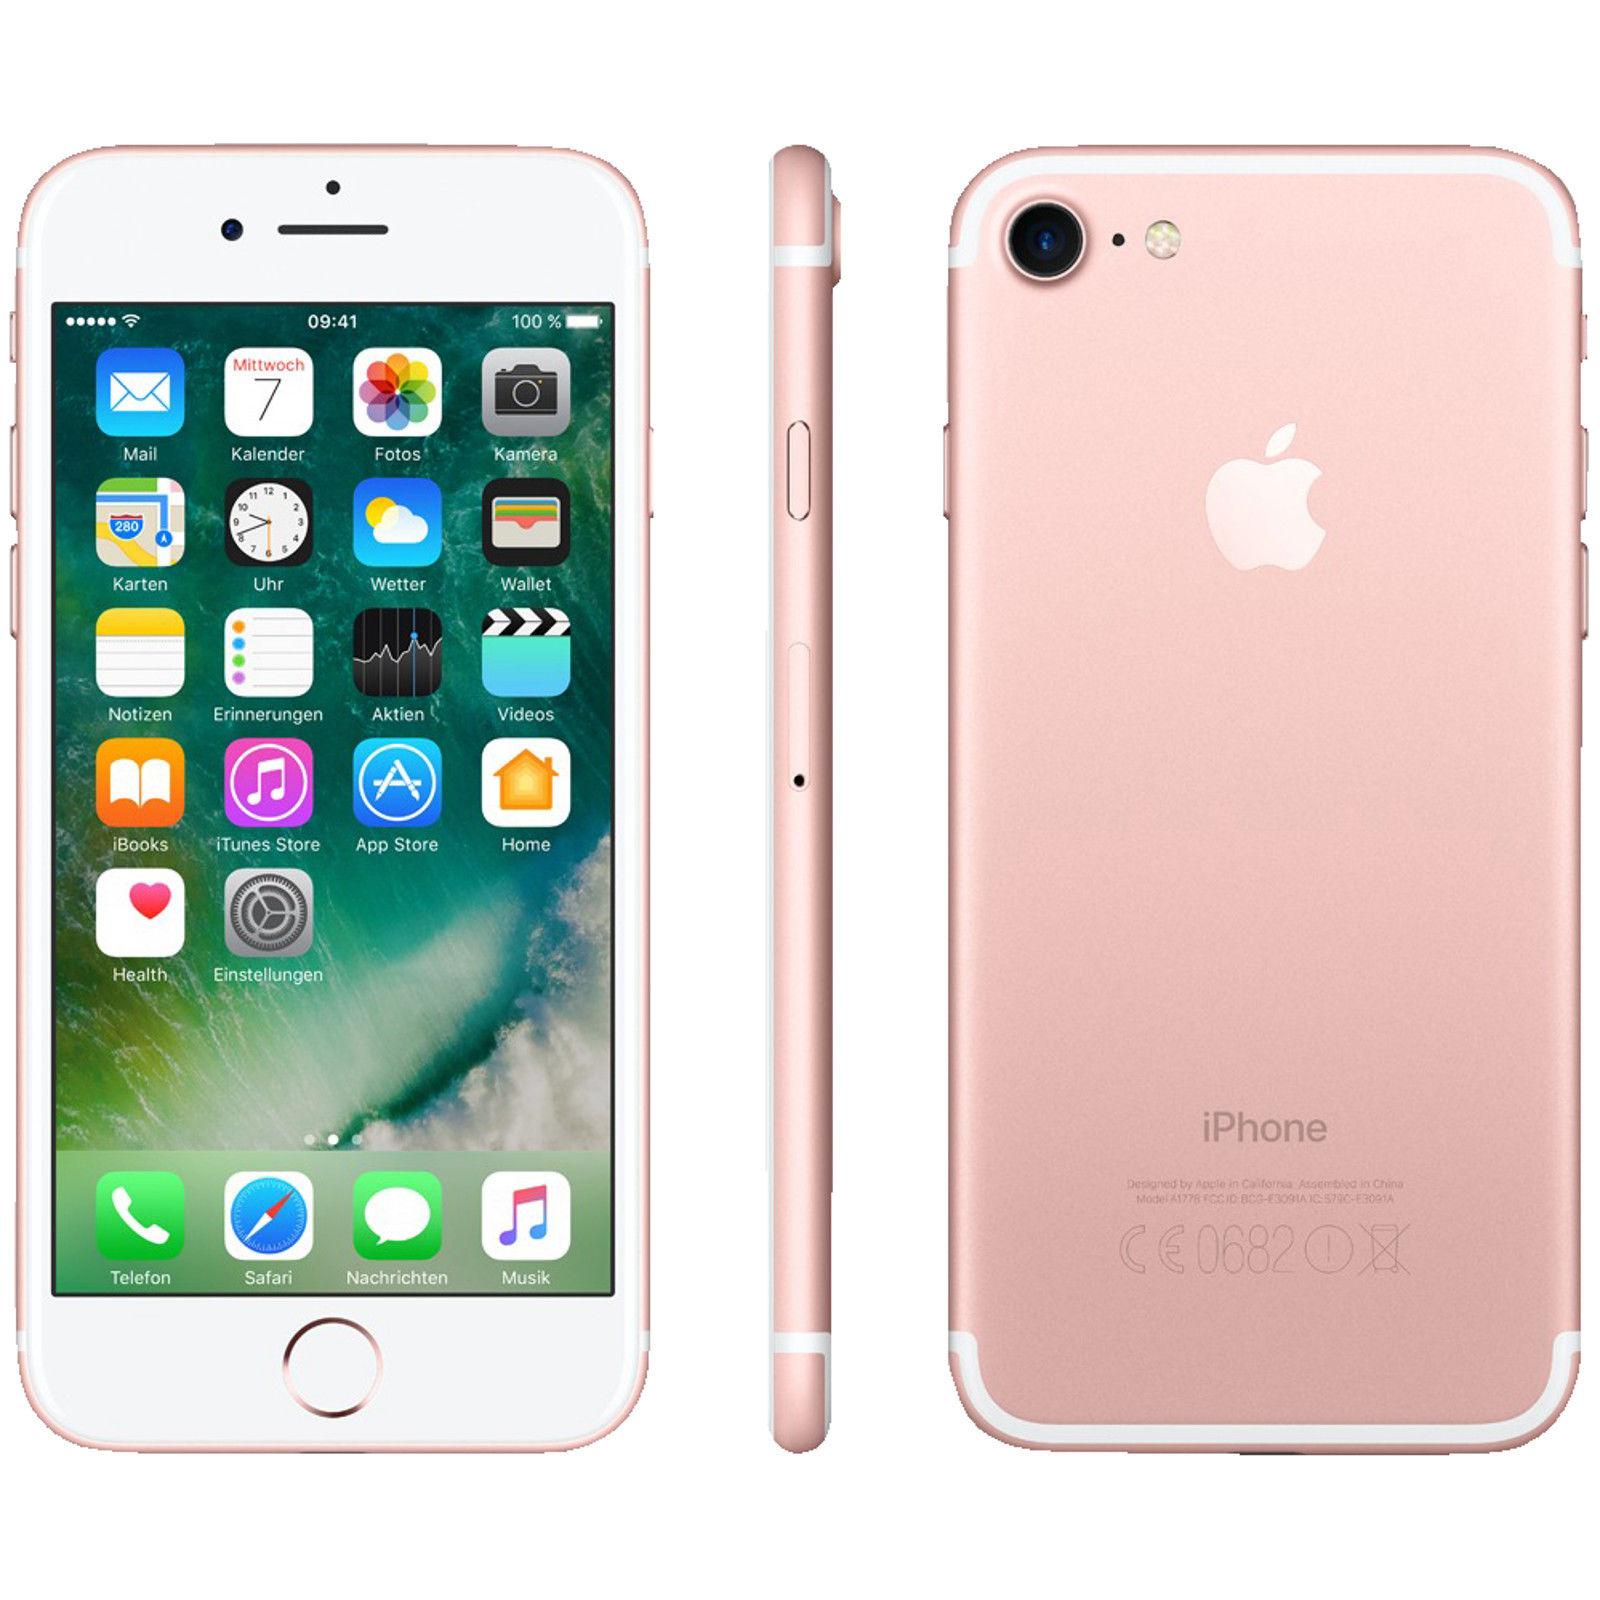 iphone 5 neu starten ohne bildschirm